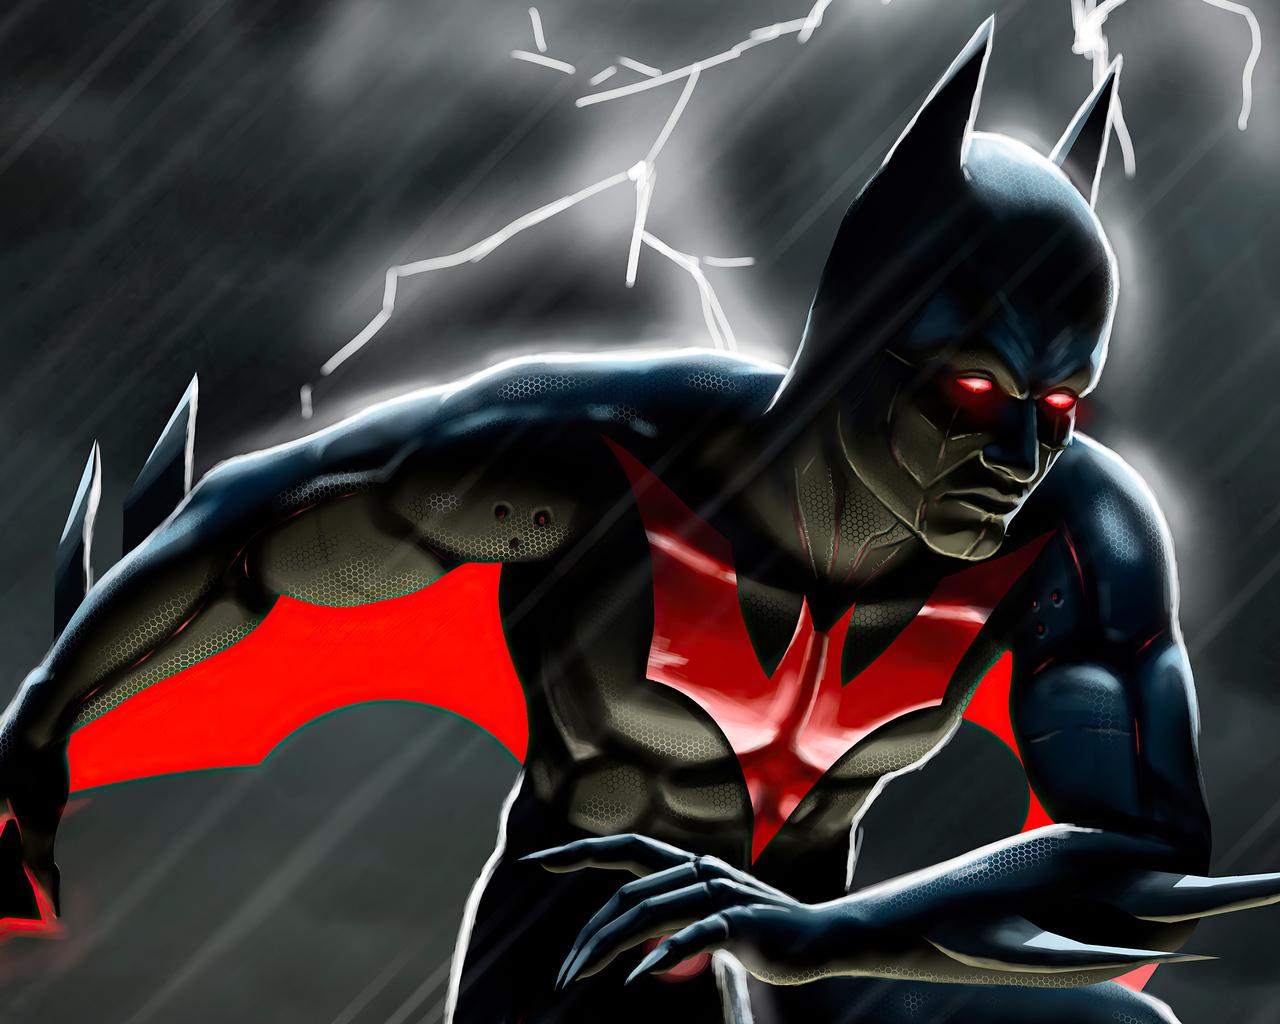 2020-batman-beyond-4k-mv.jpg